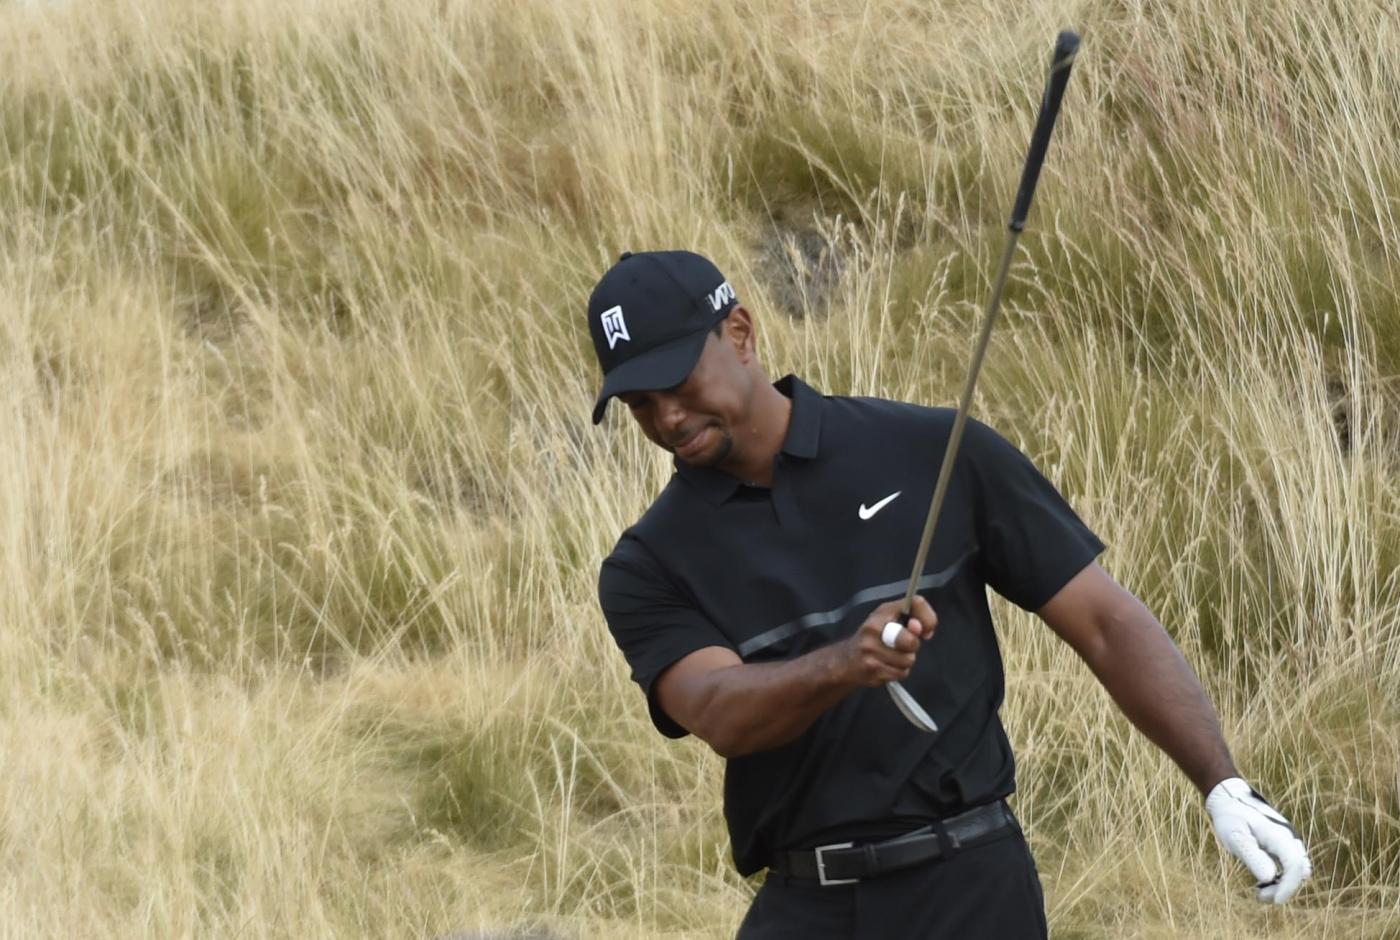 Lindsay Vonn e Tiger Woods si lasciarono per colpa di una donna: è l'ex  moglie di un golfista [FOTO]